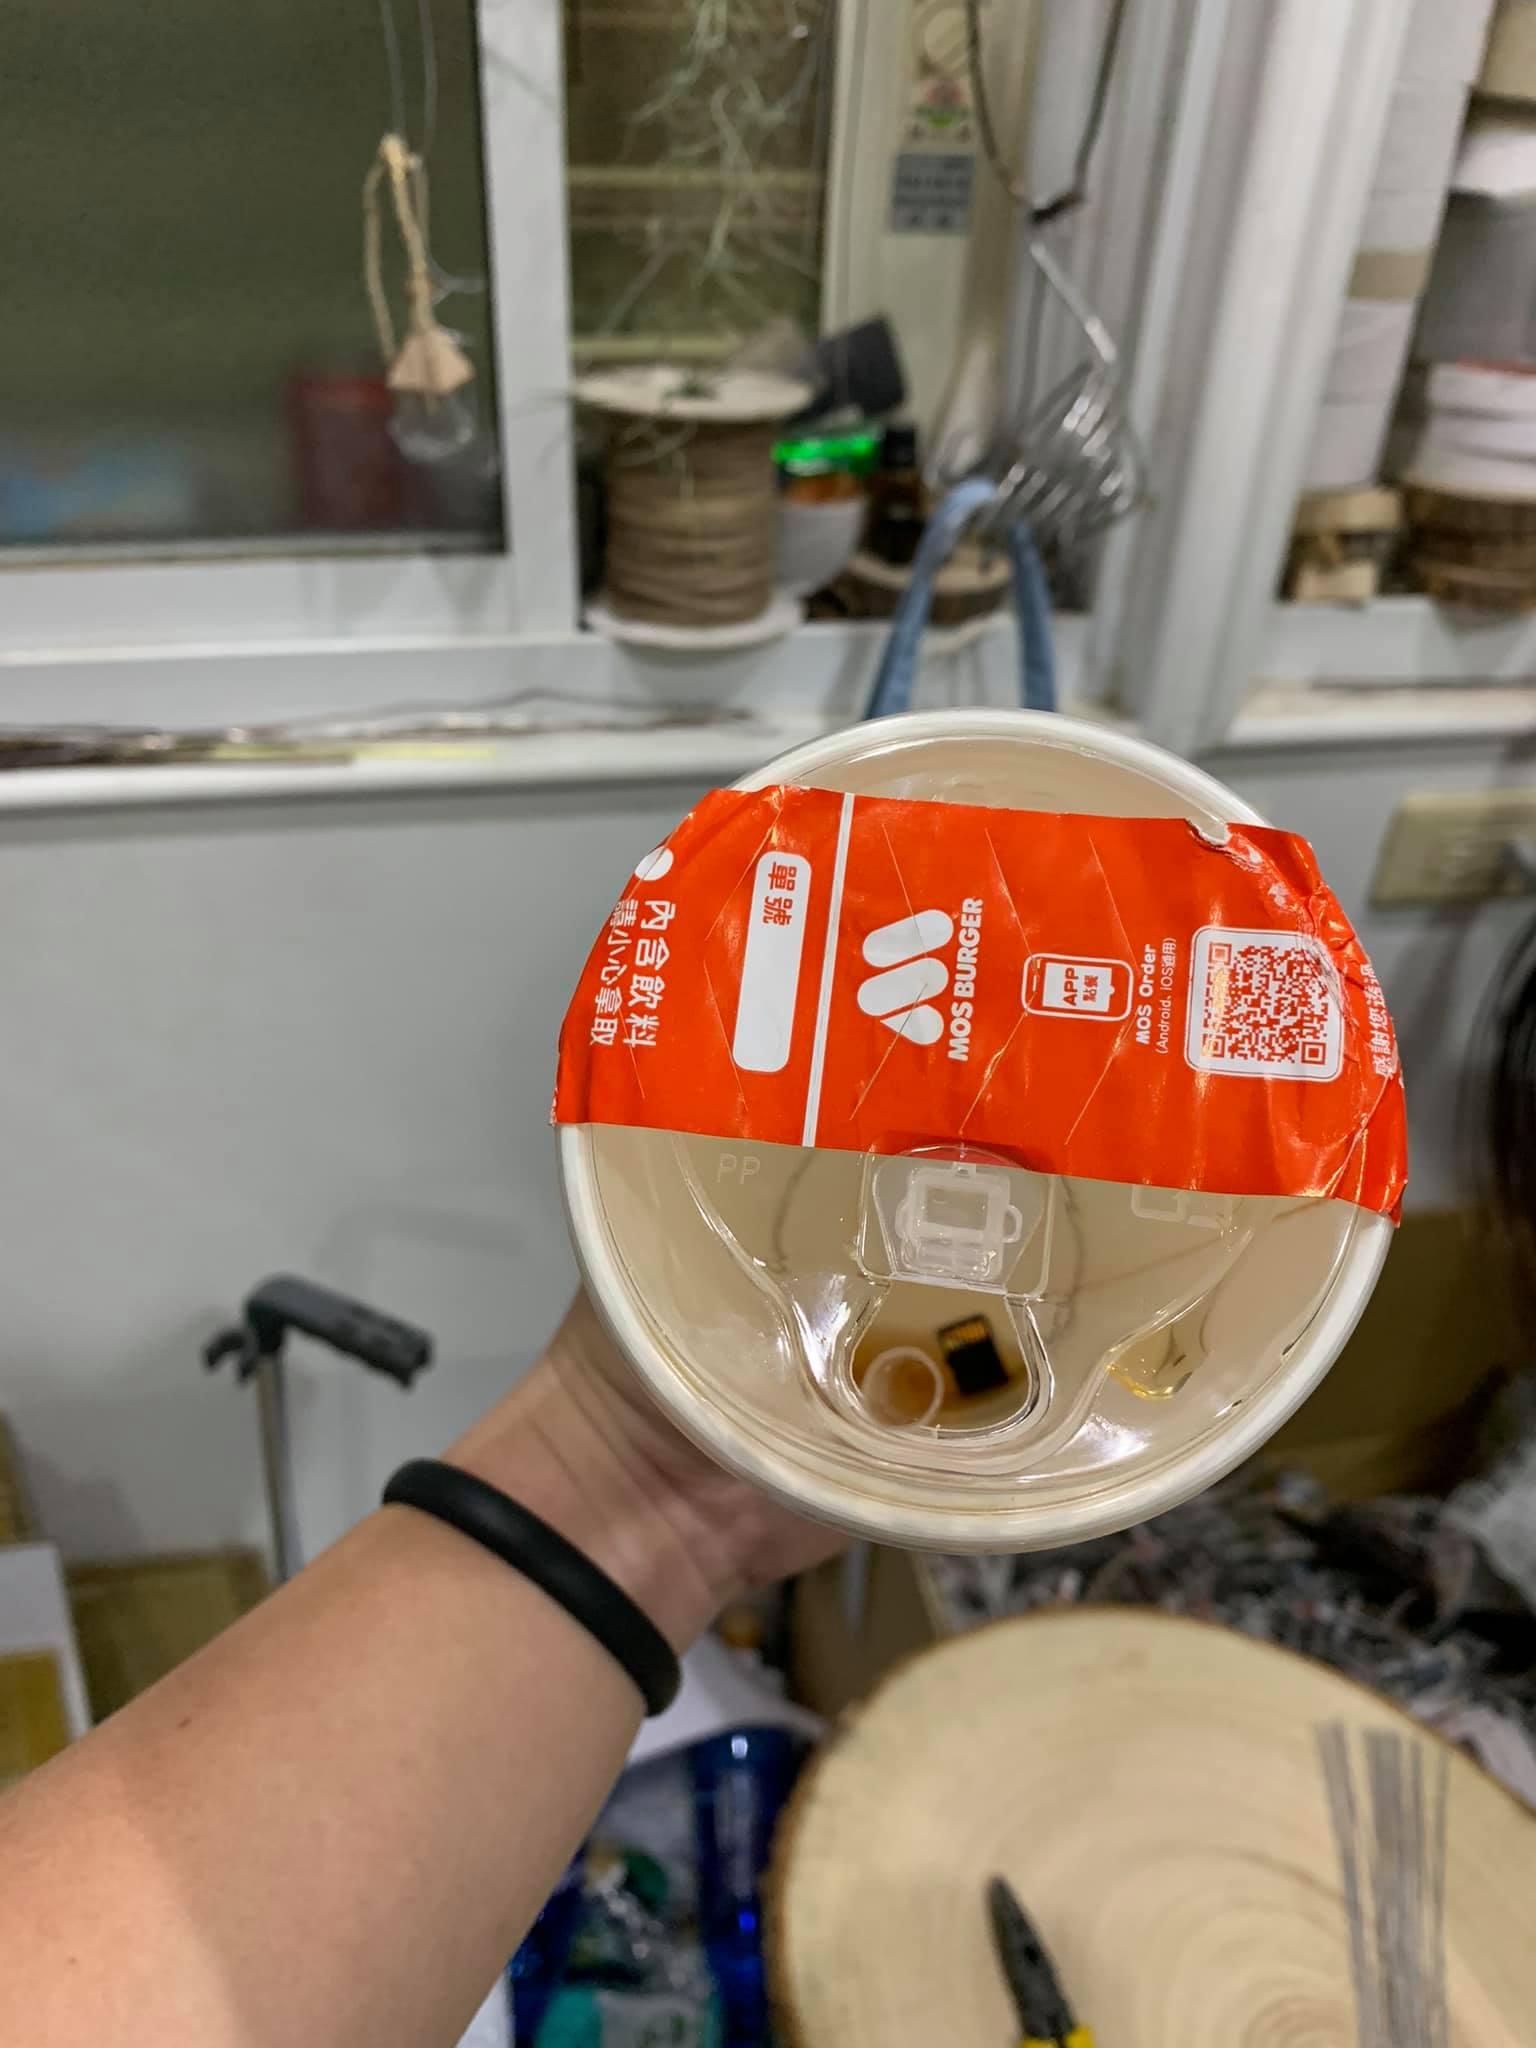 喝飲料驚見「杯底藏記憶卡」 網笑:店員的「求救信號」?